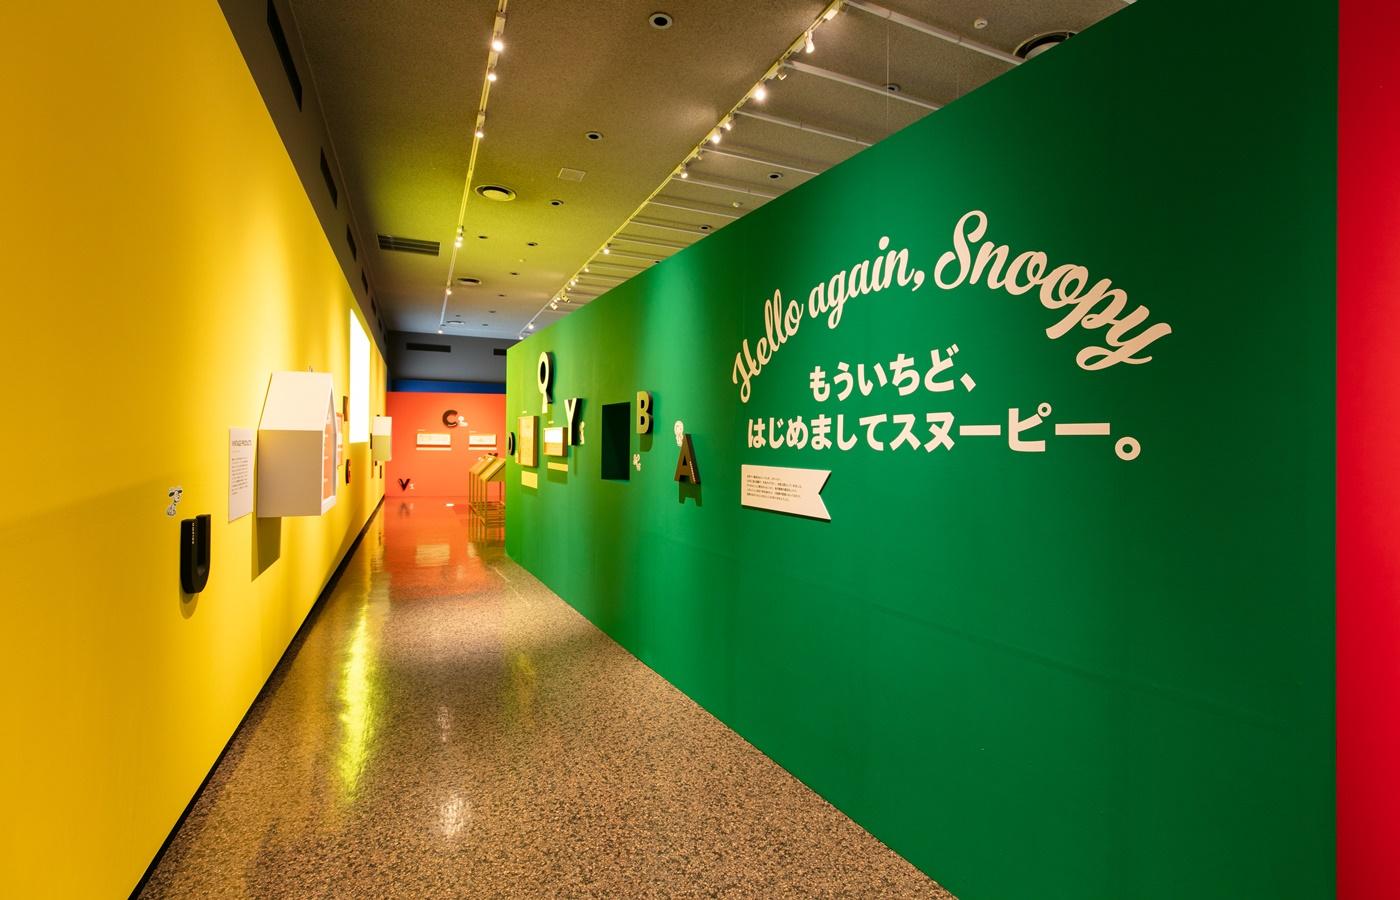 名古屋で開催中!まだ間に合う「スヌーピーミュージアム展」へ駆け込み!